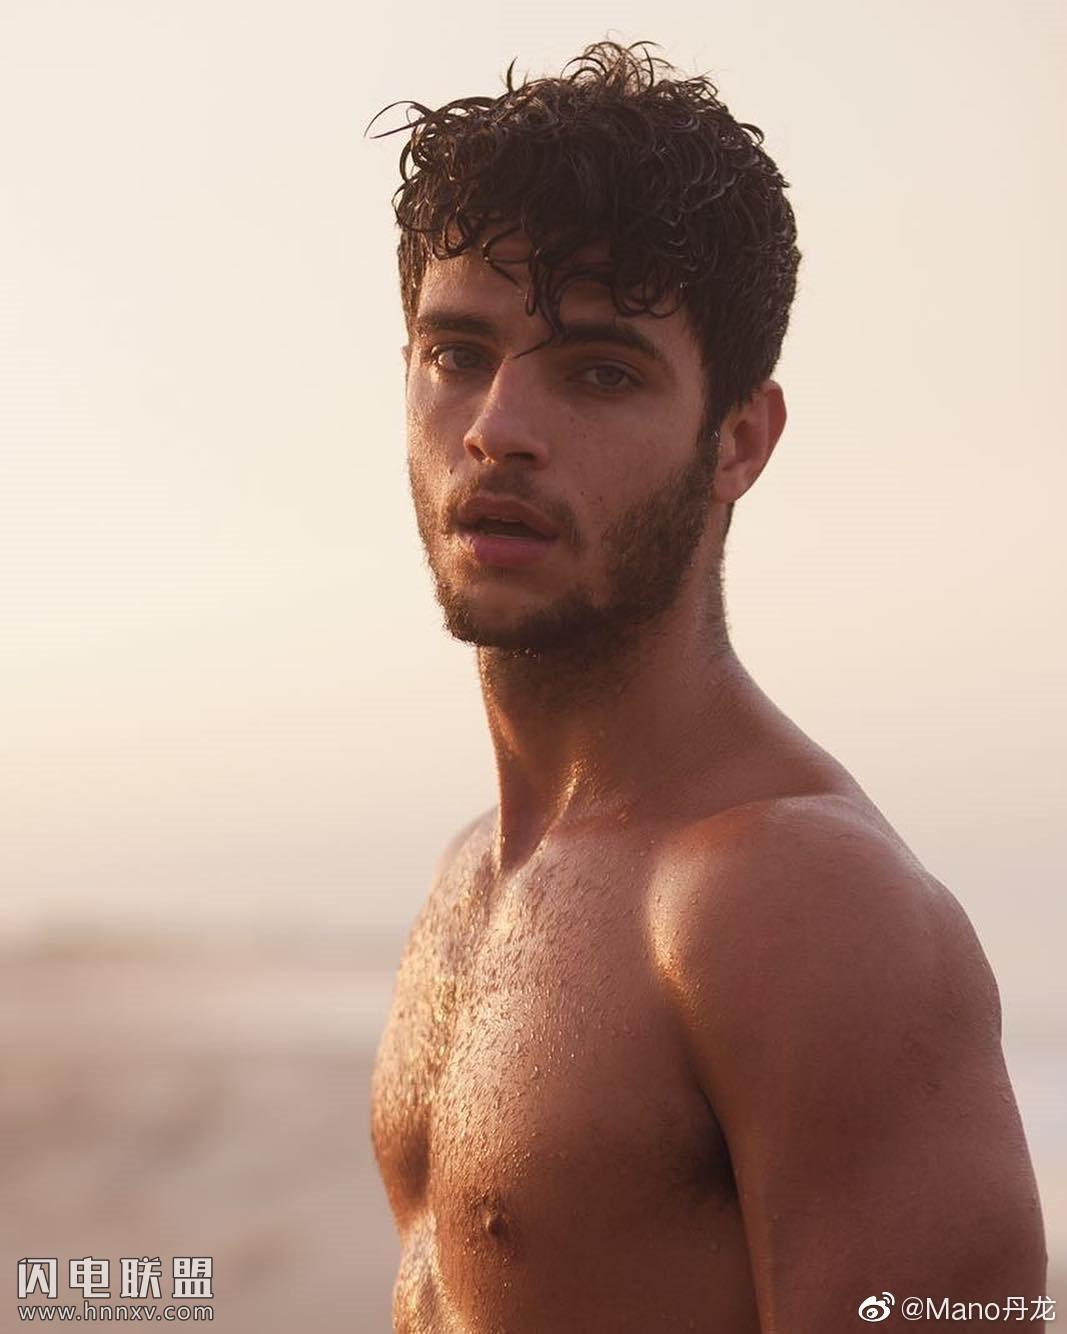 欧美肌肉男模帅哥海边性感文艺内裤写真第1张